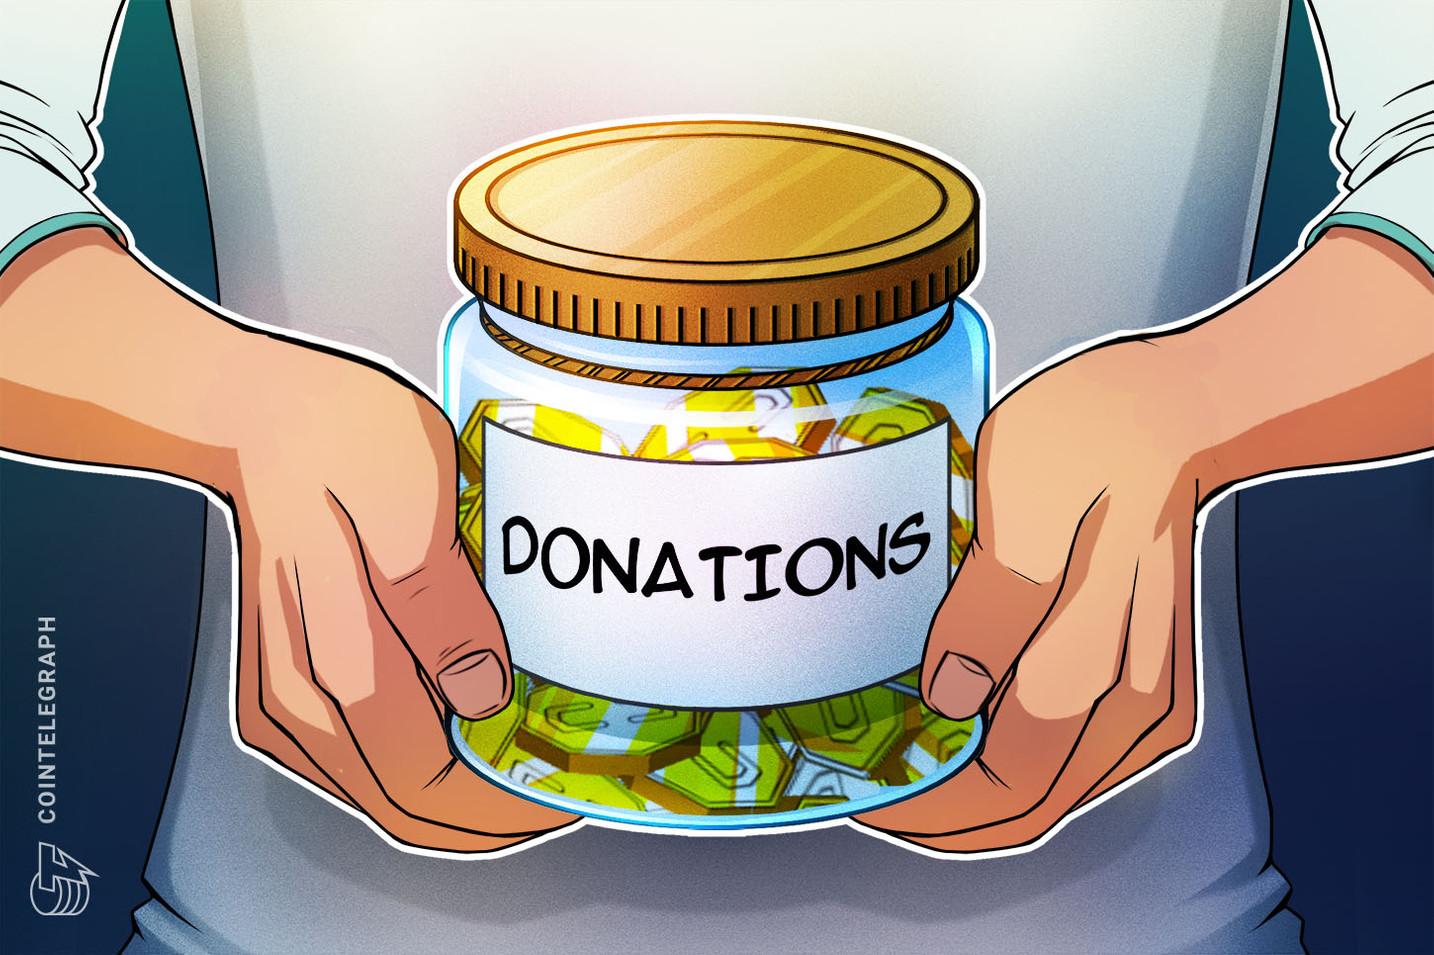 """""""Unverdienter Reichtum"""" – Deutscher Softwareentwickler spendet 1 Mio. Euro aus Bitcoin an die Grünen"""